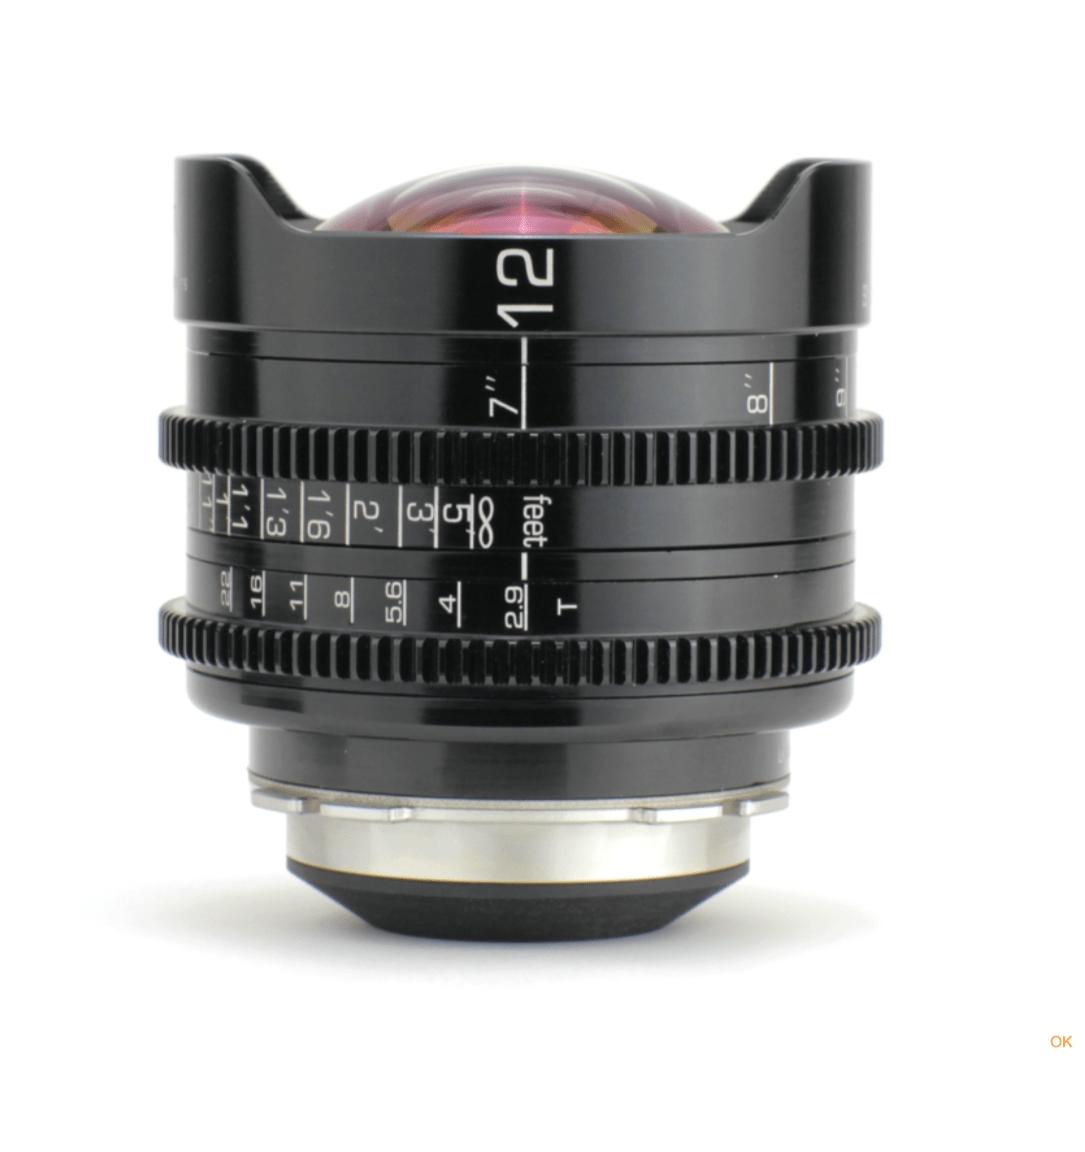 GL Optics 12mm T2.9 - the world\'s widest full frame PL-mount lens ...